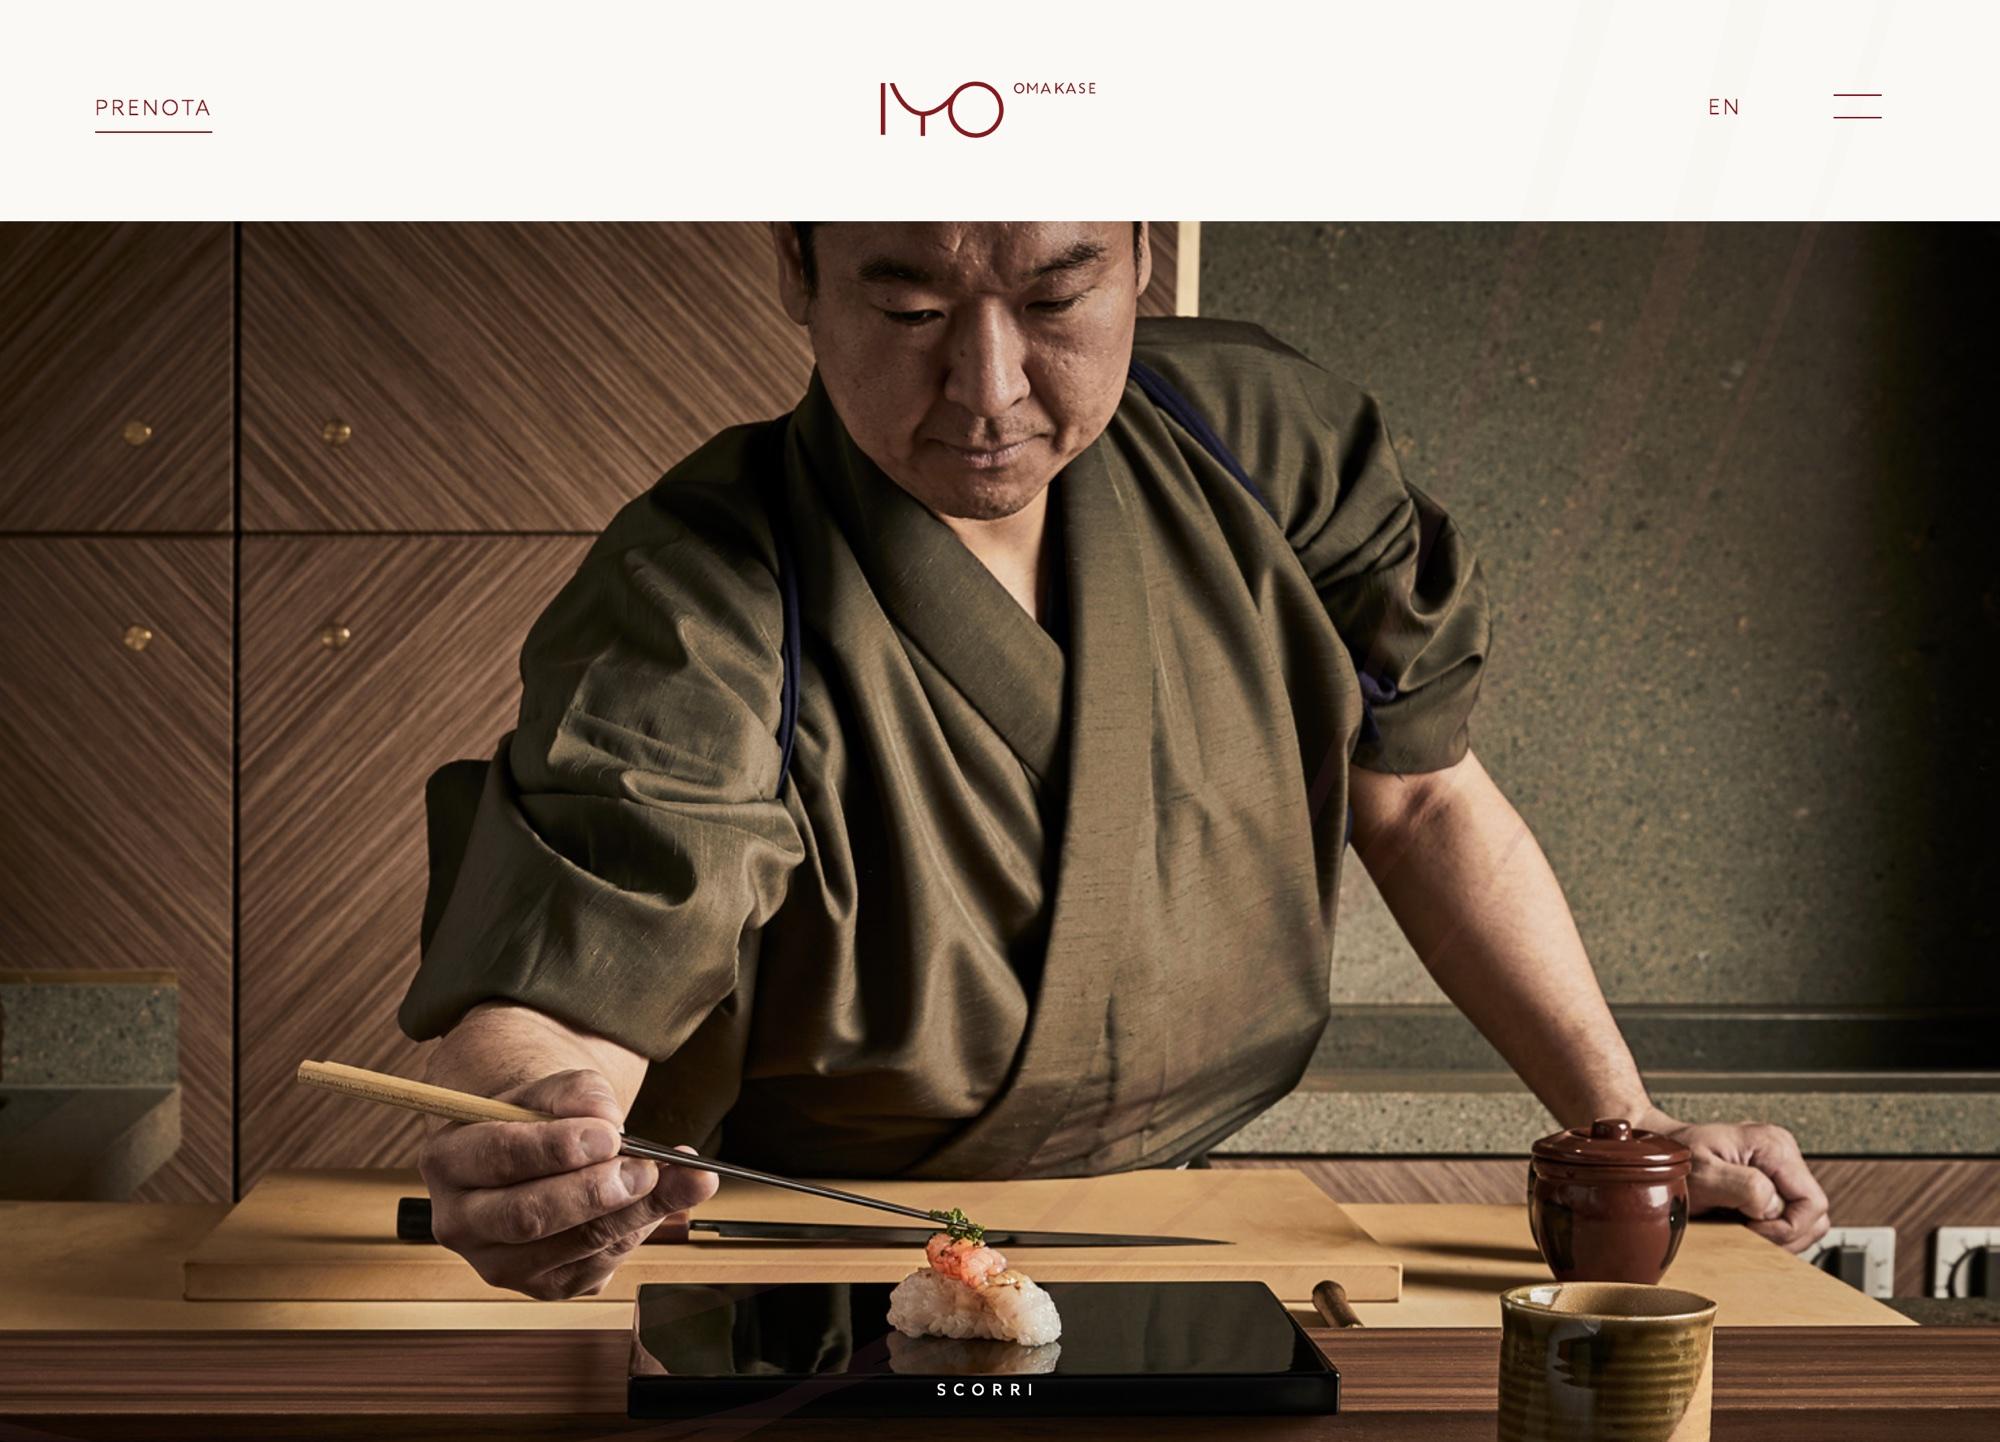 IYO Omakase